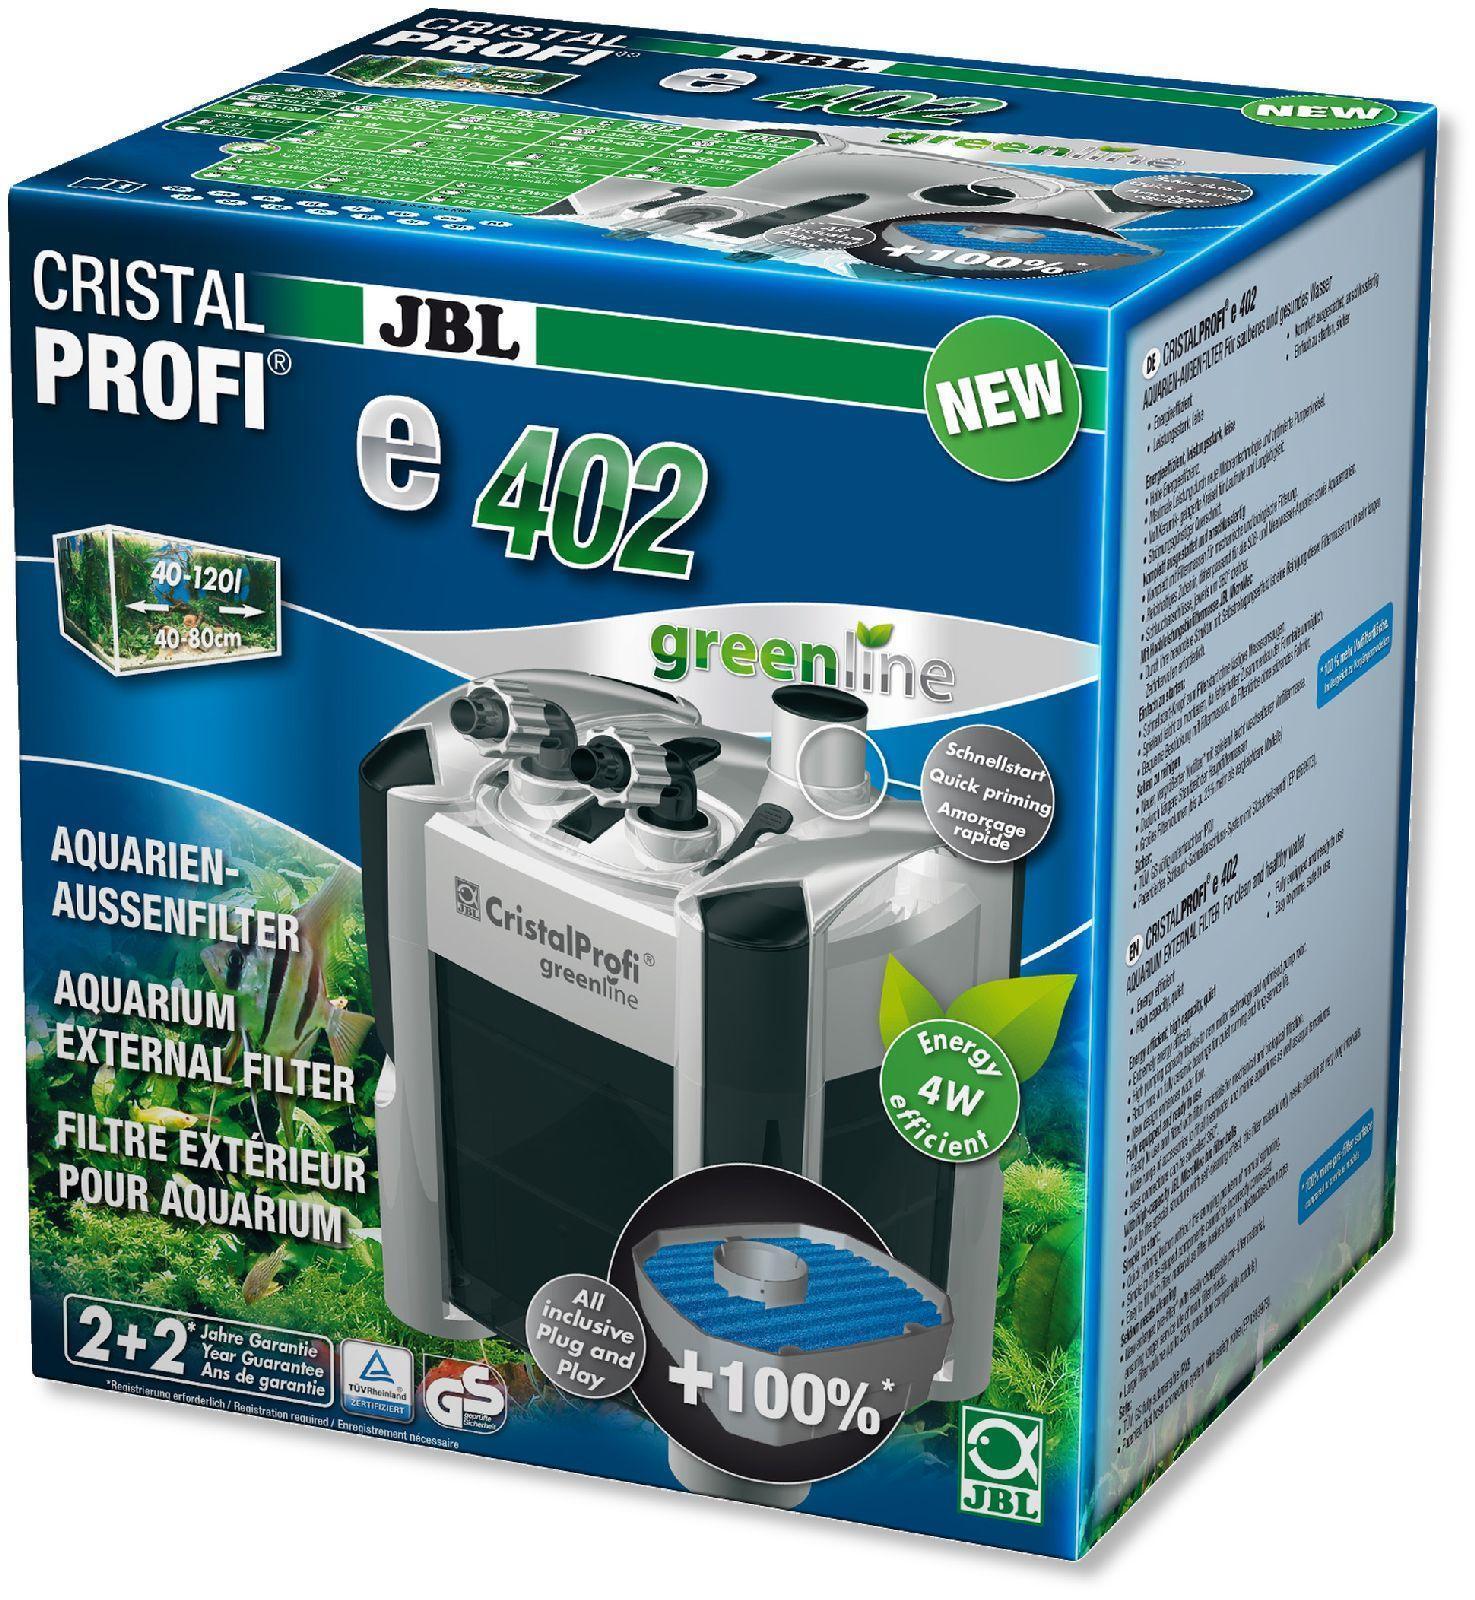 JBL Acquario Filtro Esterno Cristal pro e 402 Gl